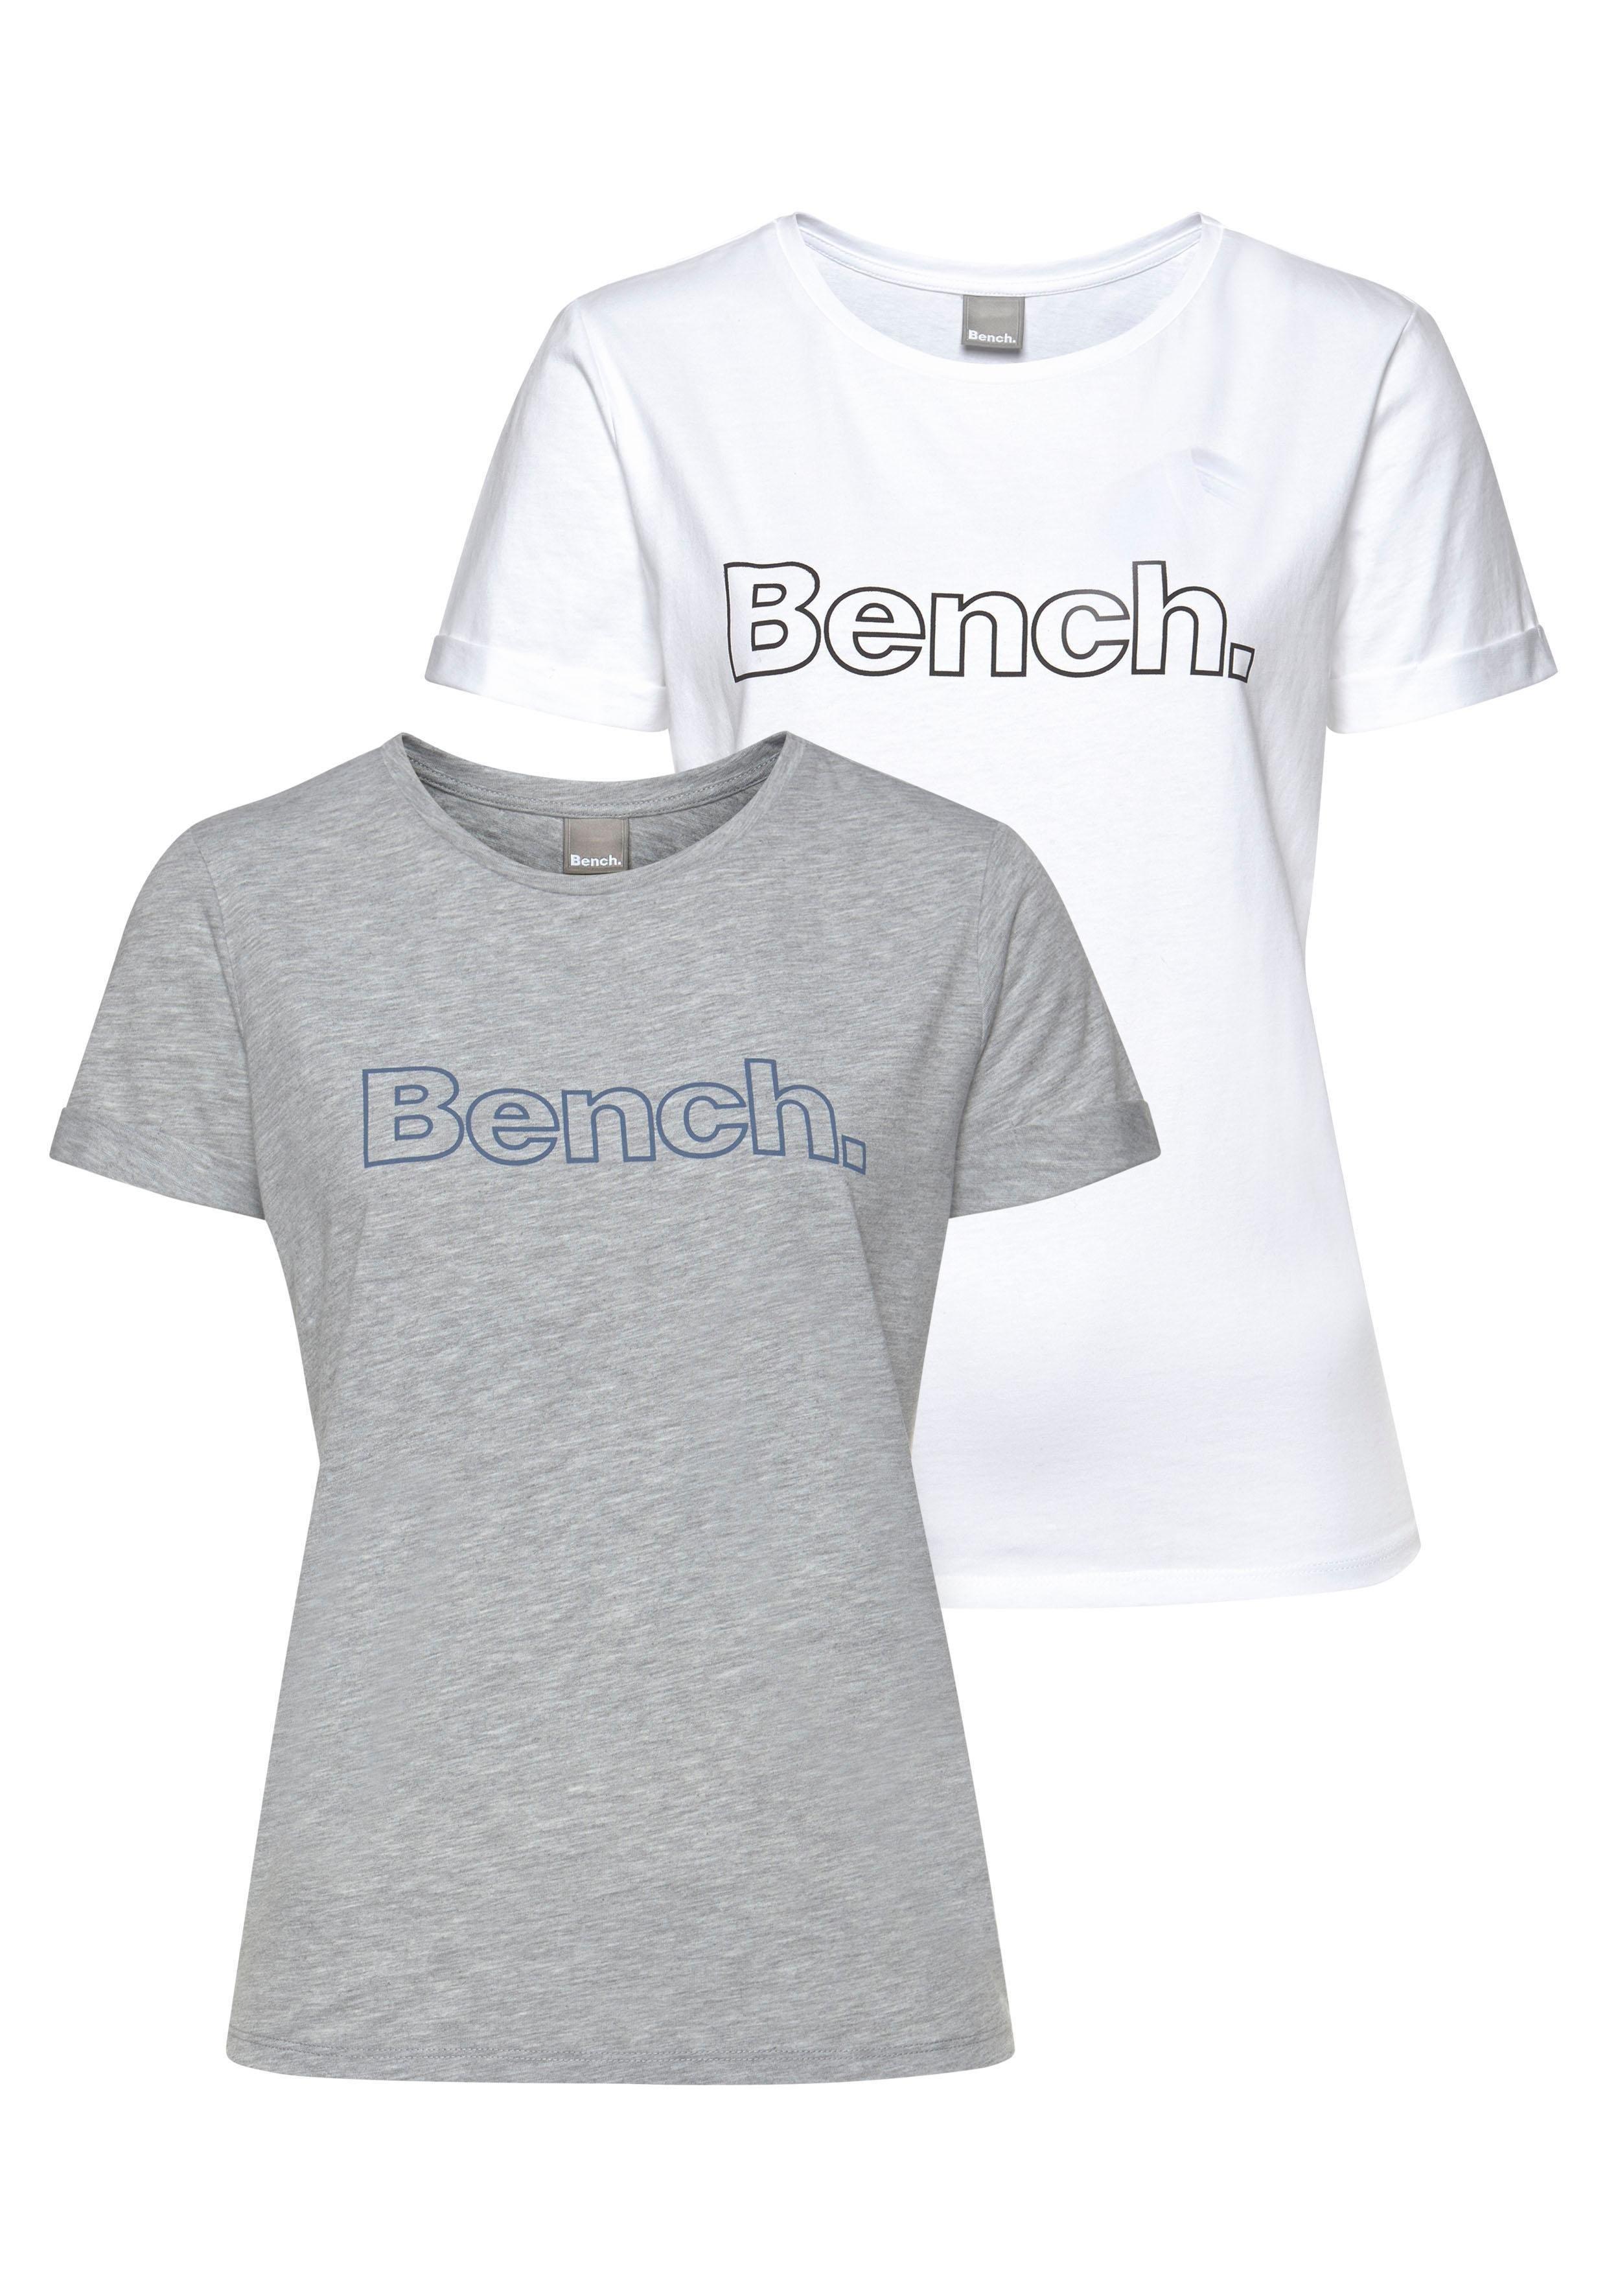 Bench. T-shirt in de webshop van Lascana kopen